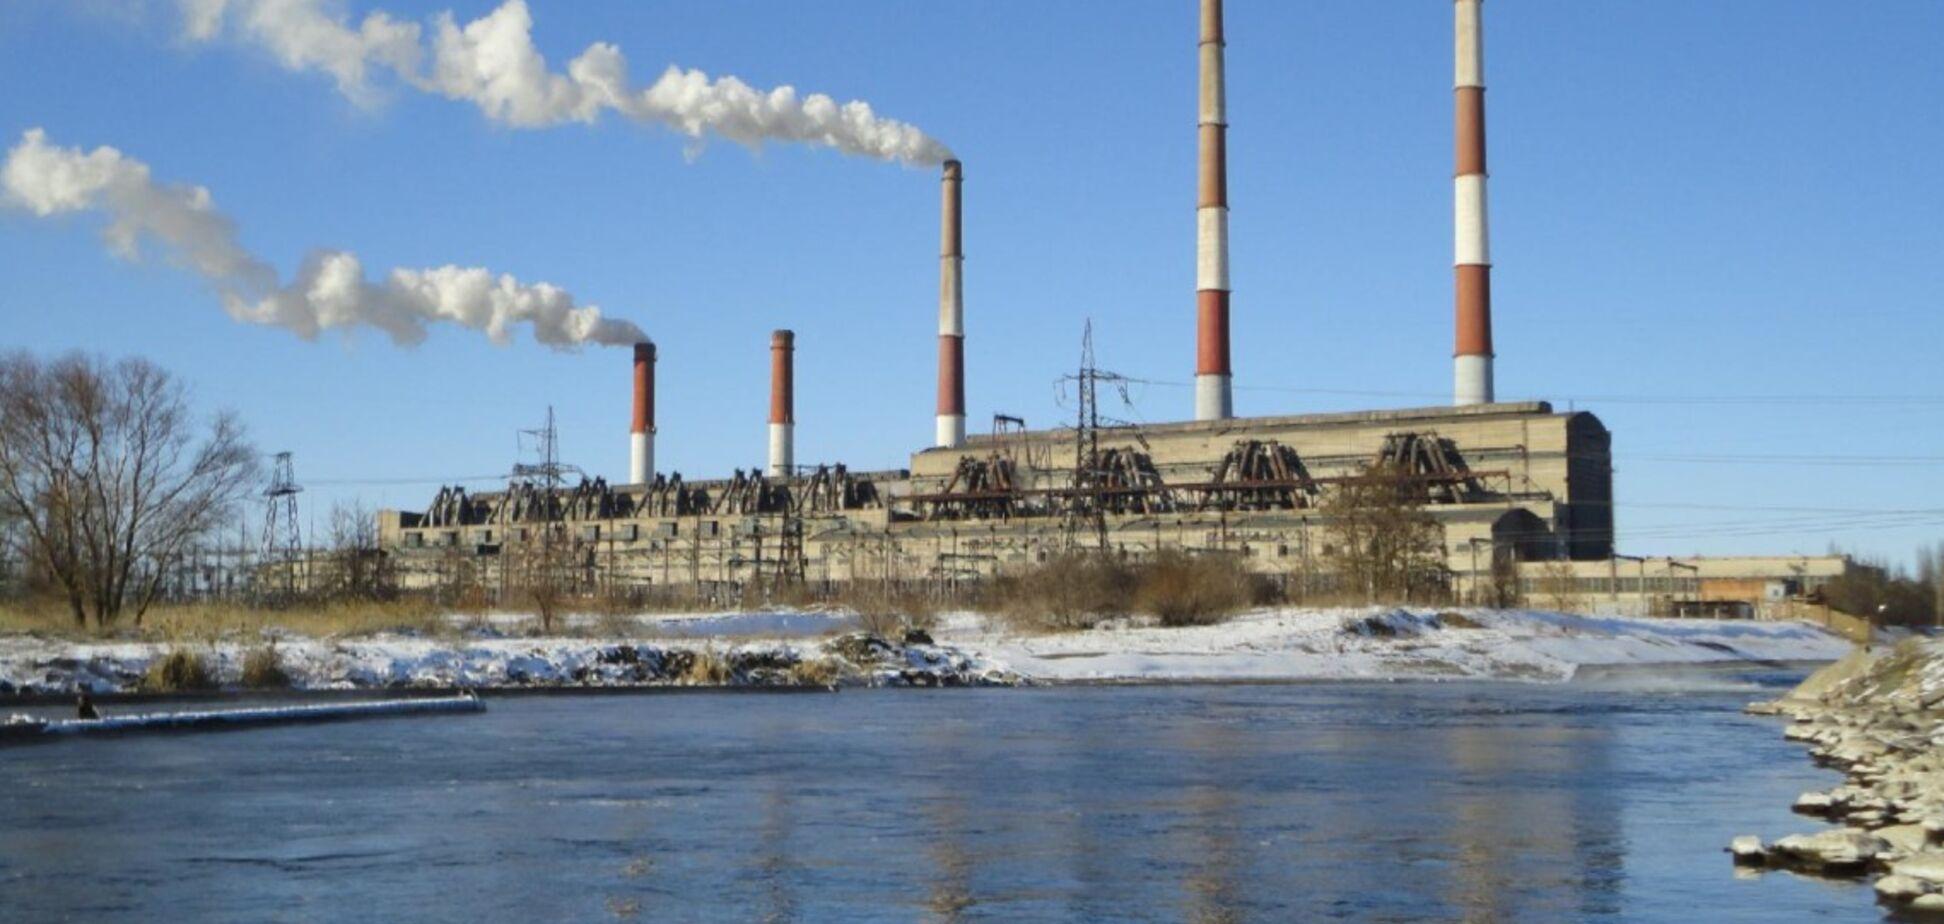 Використання 'Центренерго' виключно вугілля збільшить борги, - Фонд держмайна (фото: Слово і Діло)